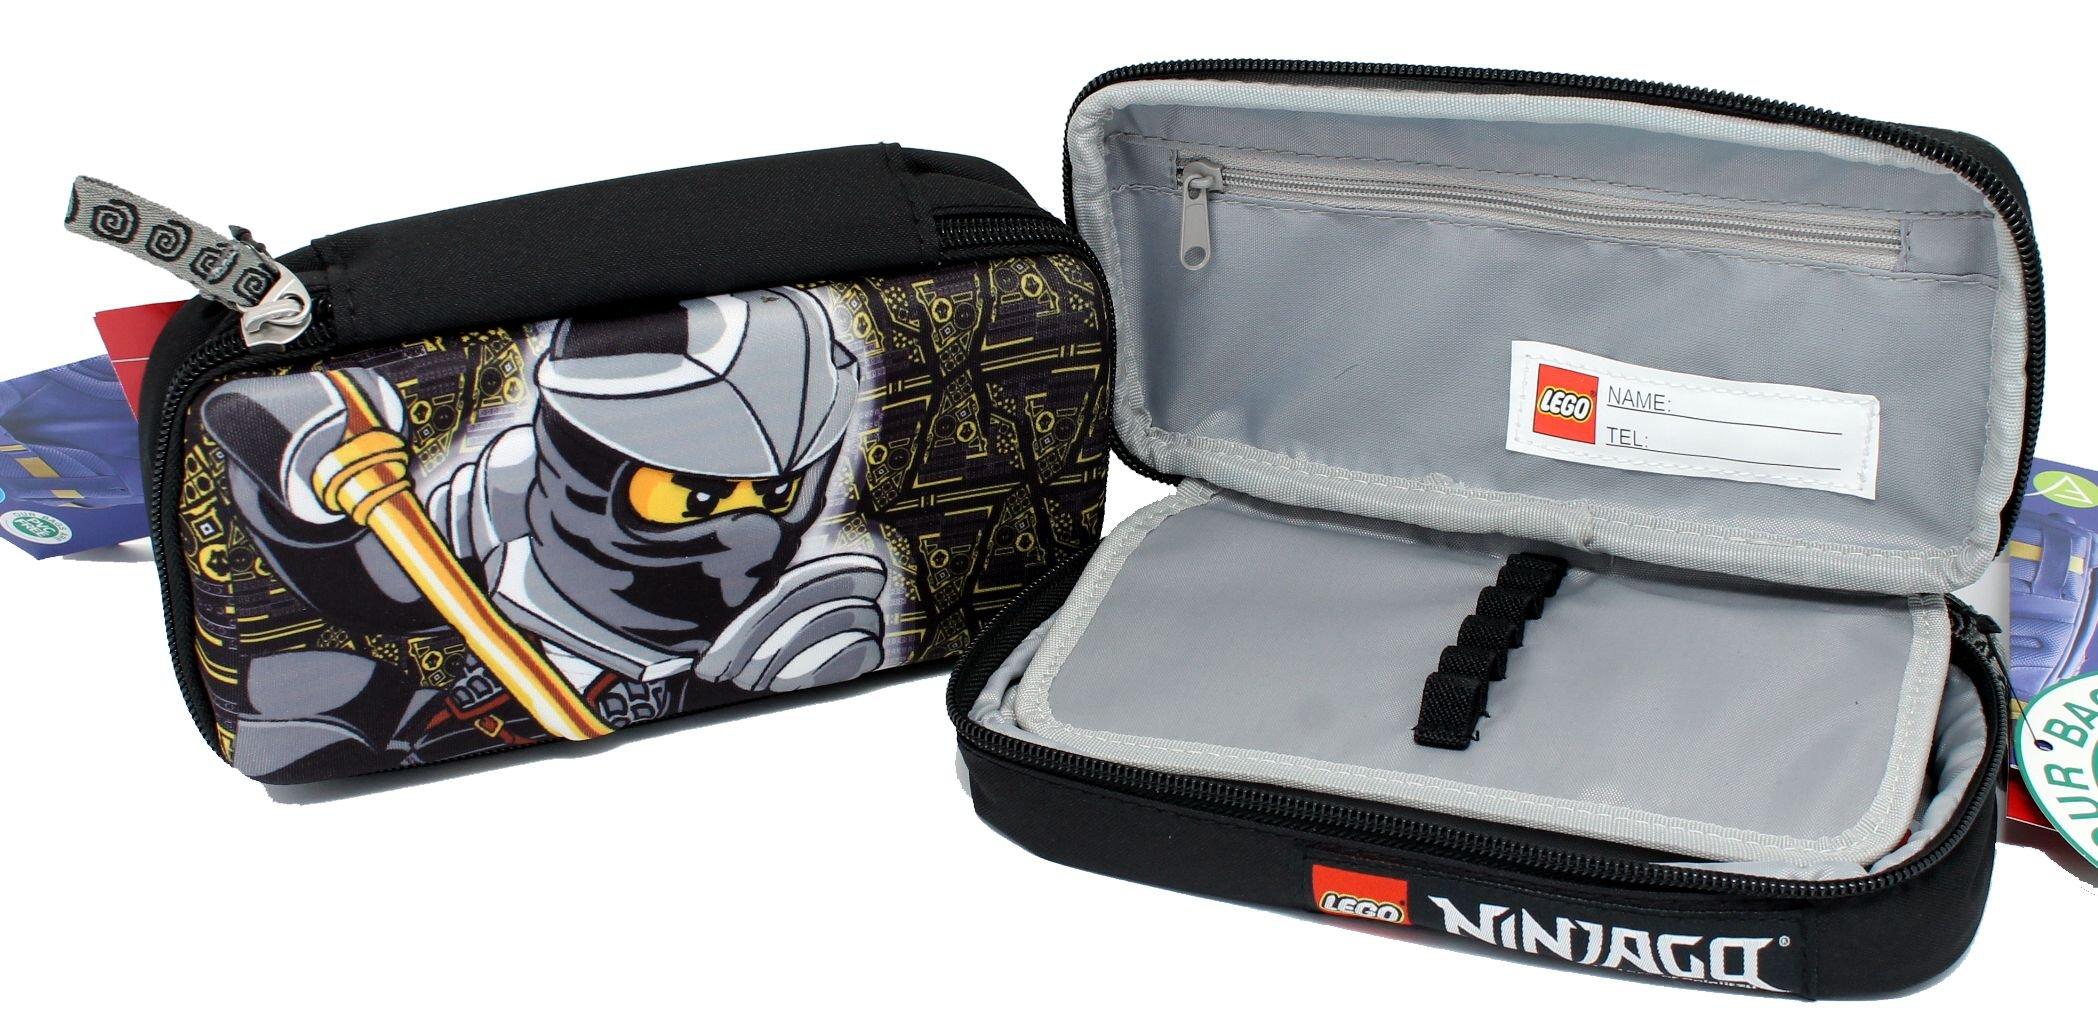 Estuche Organizzato 3d Cole Ninjago Lego: Amazon.es: Oficina y papelería